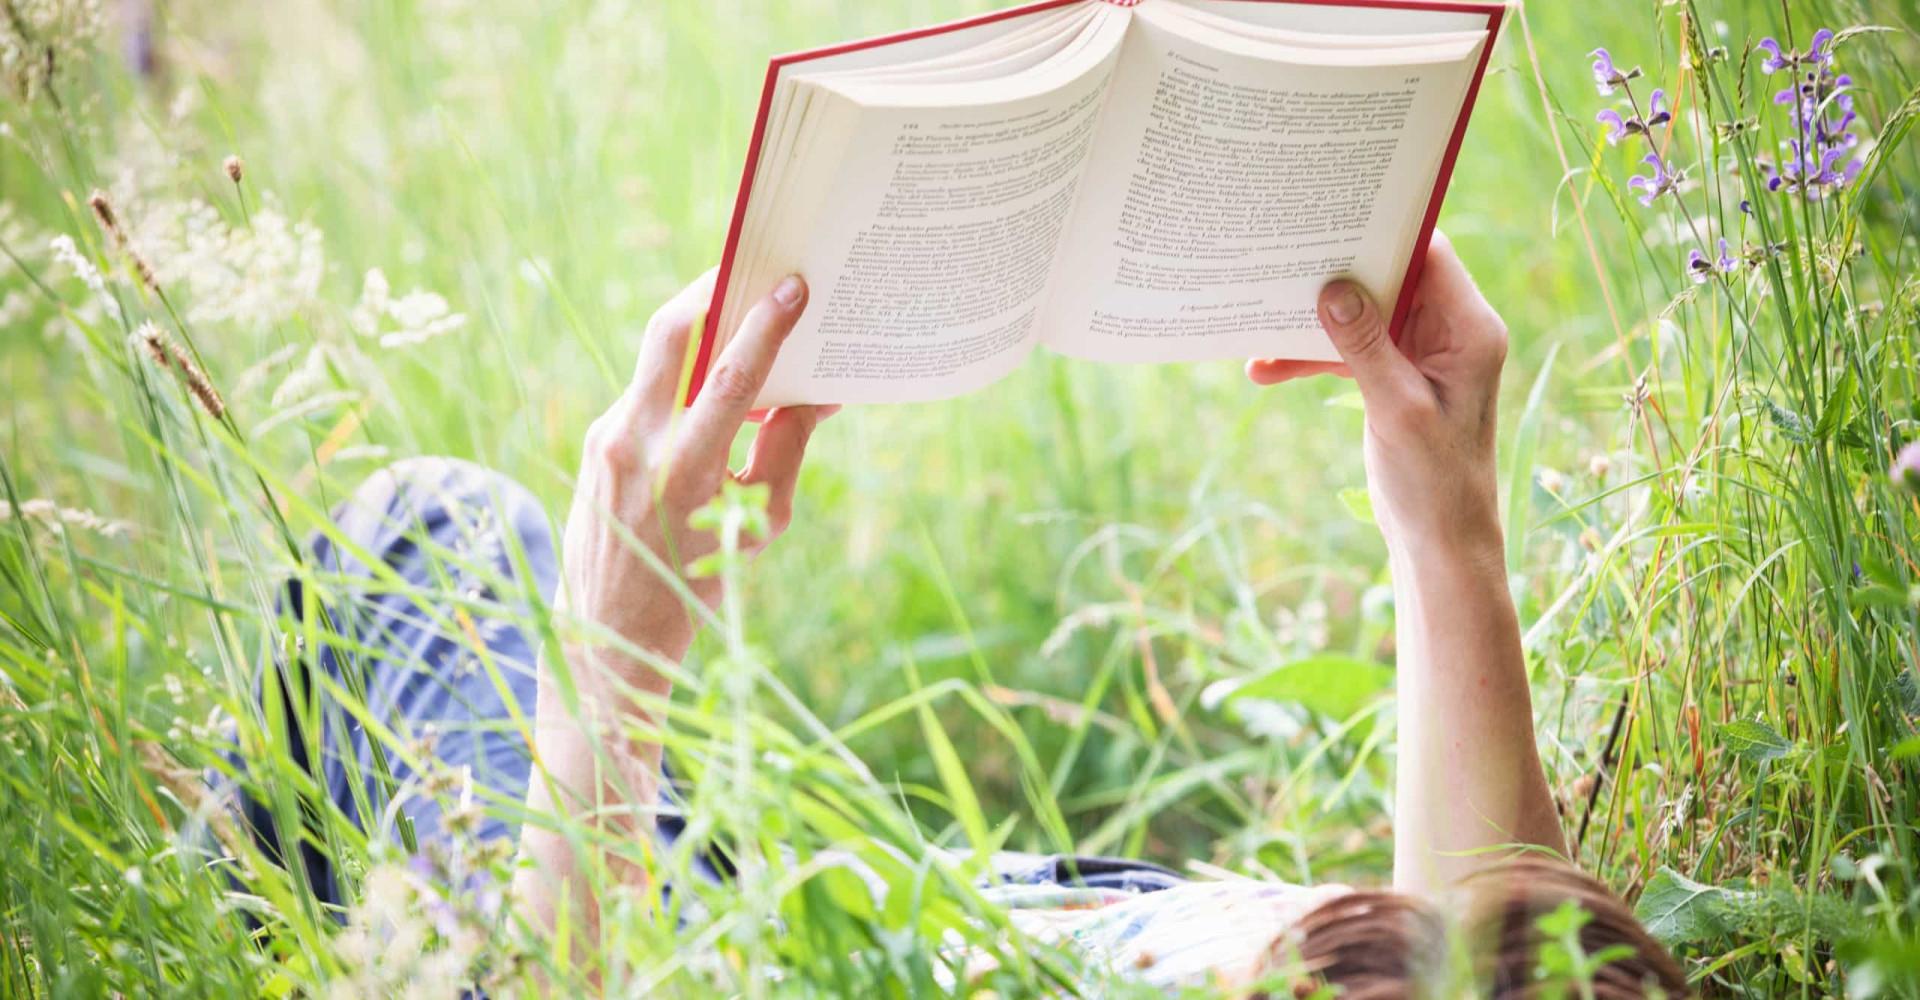 Vermindert je zoete trek als je boeken leest?